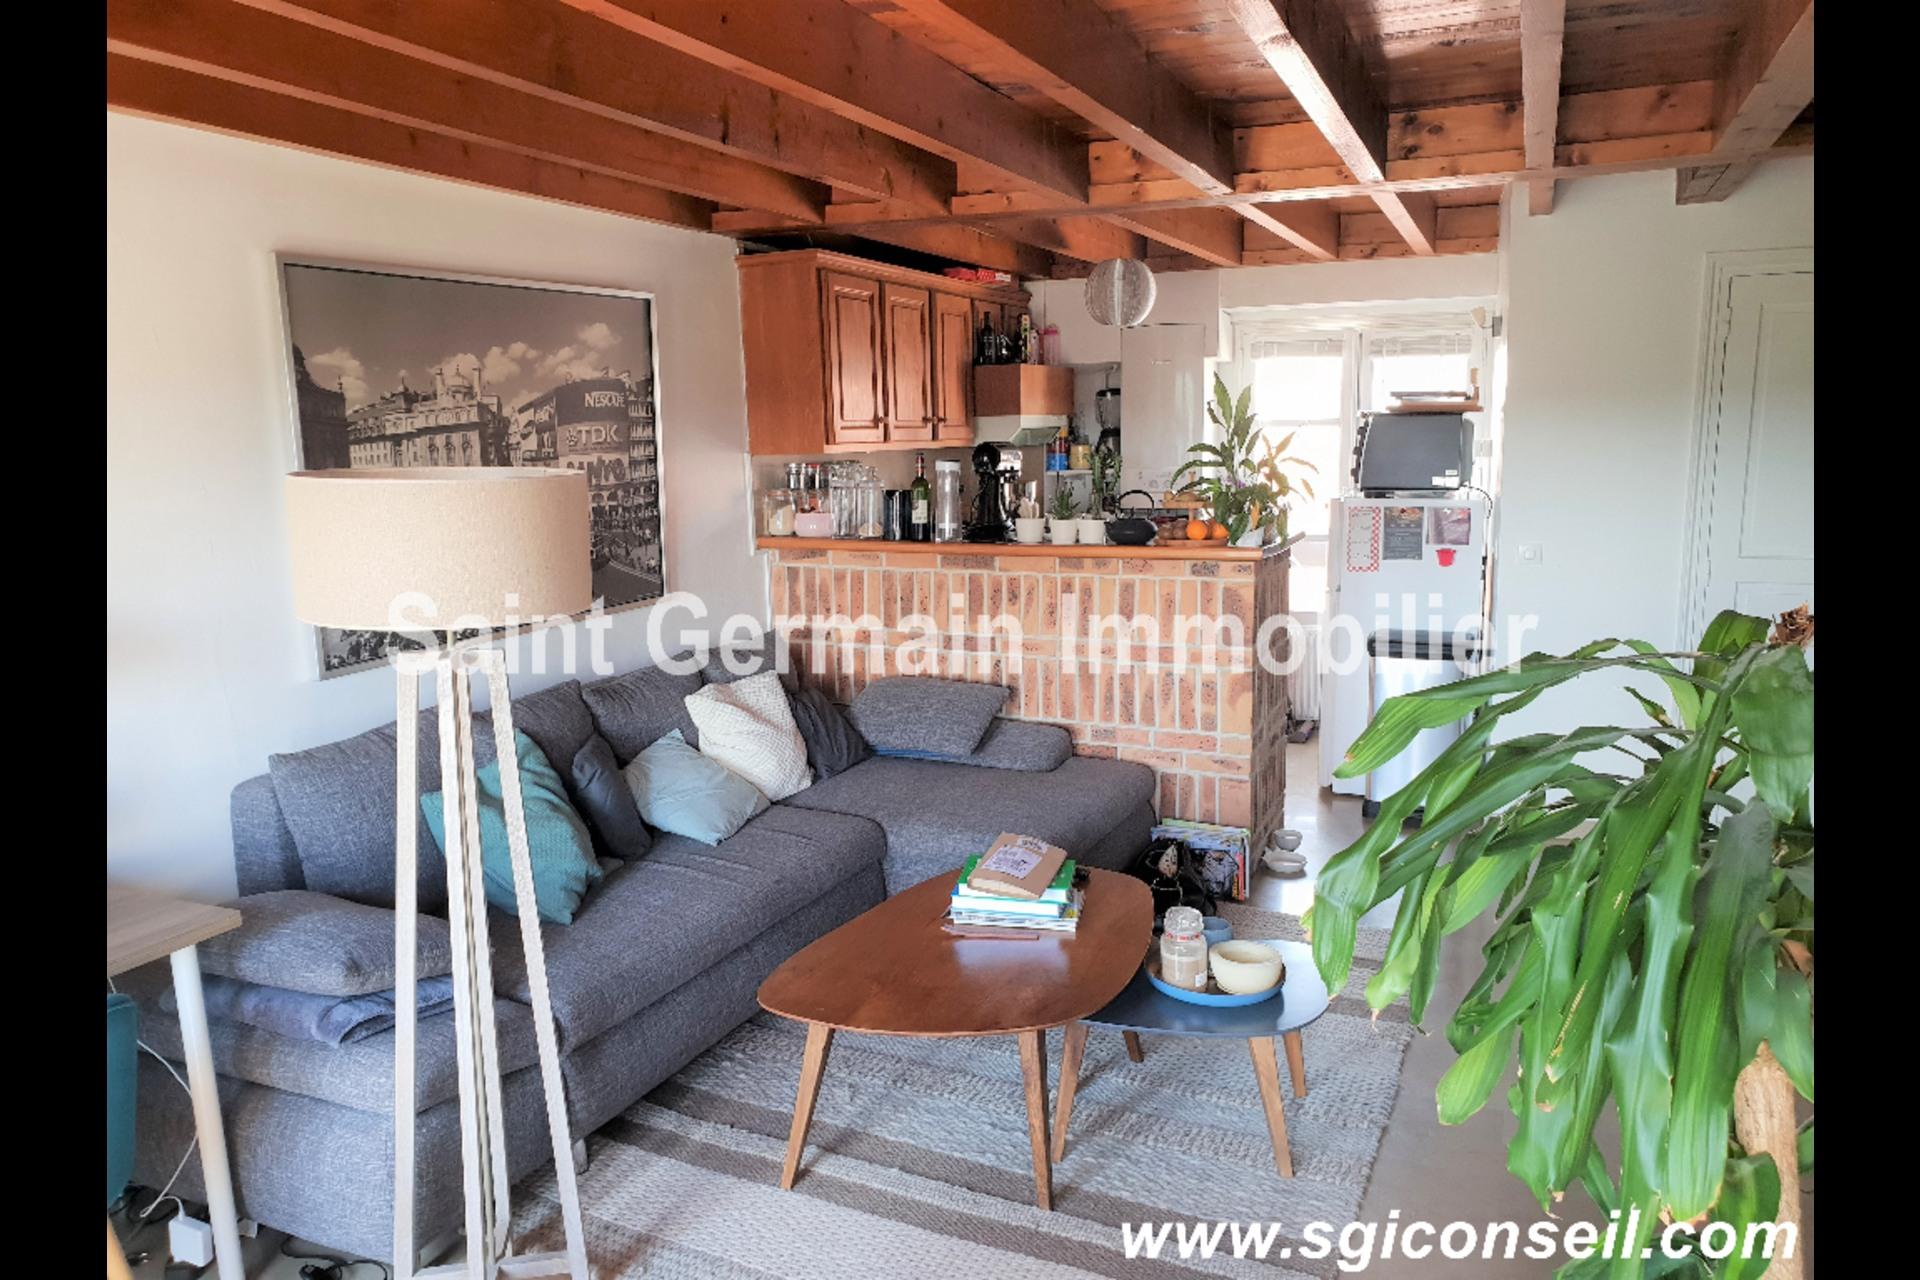 image 2 - Appartement À louer saint germain en laye - 2 pièces